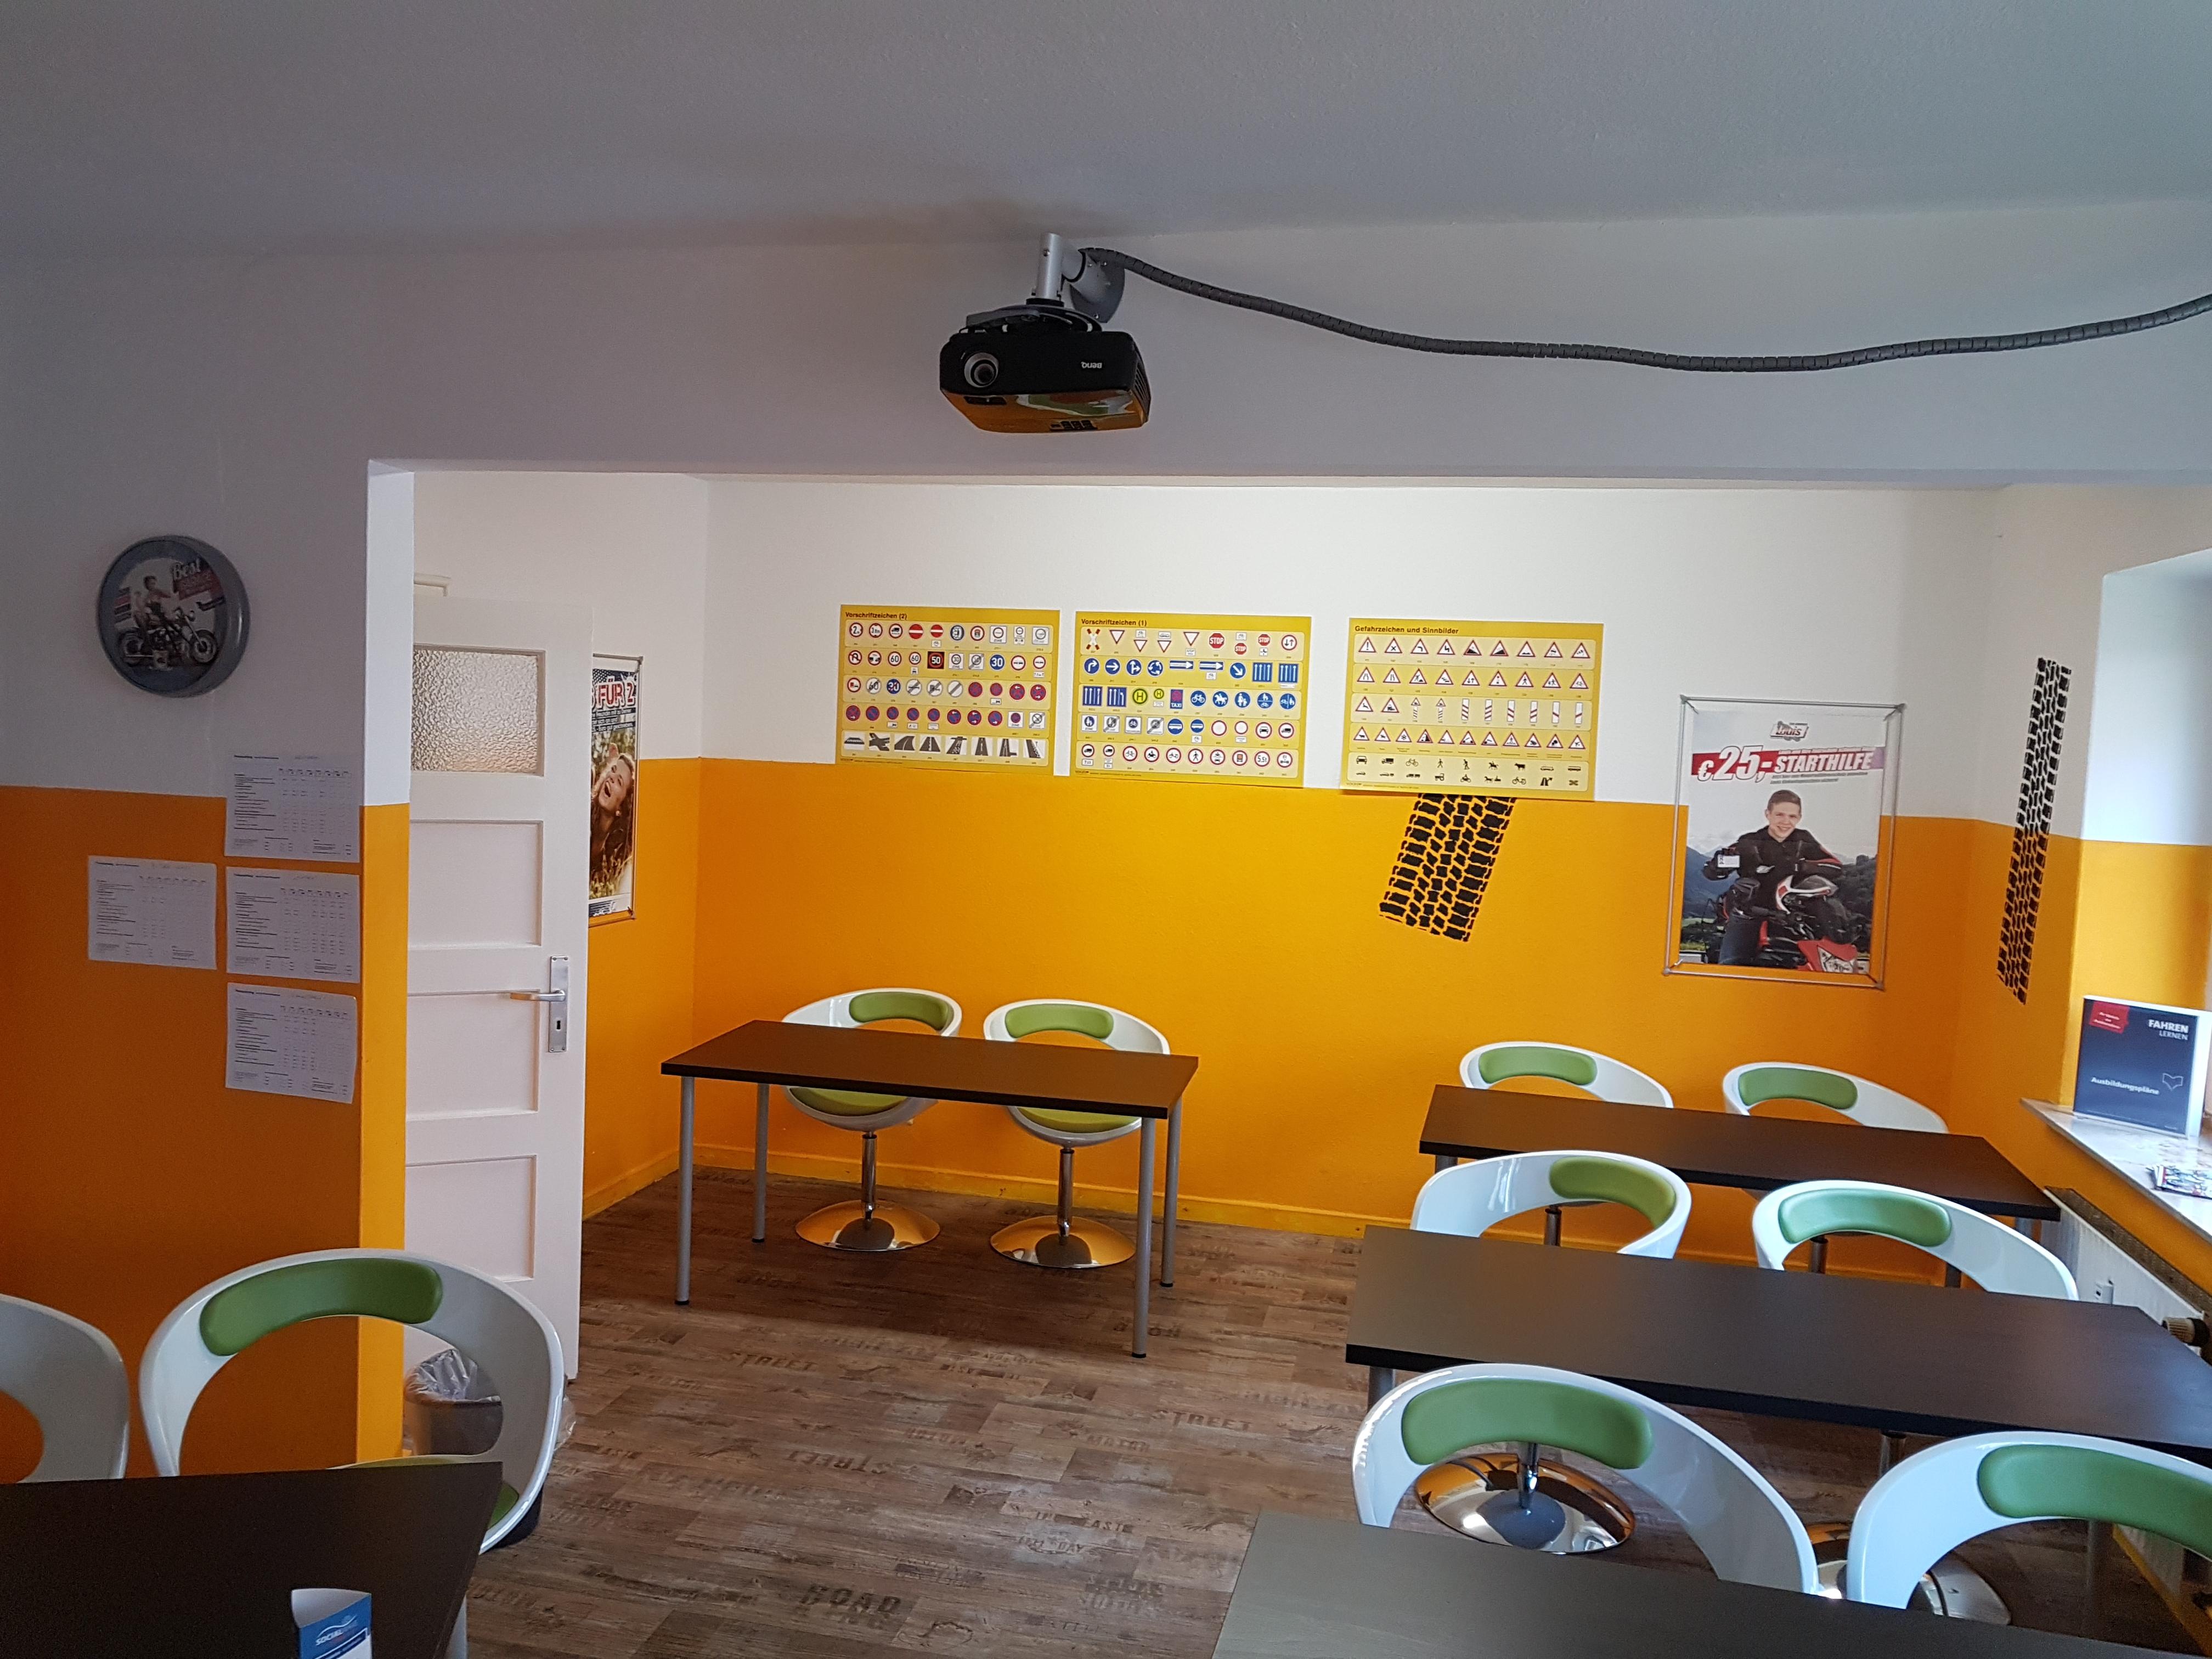 kraftfahrzeuge fahrschule in hannover infobel deutschland. Black Bedroom Furniture Sets. Home Design Ideas